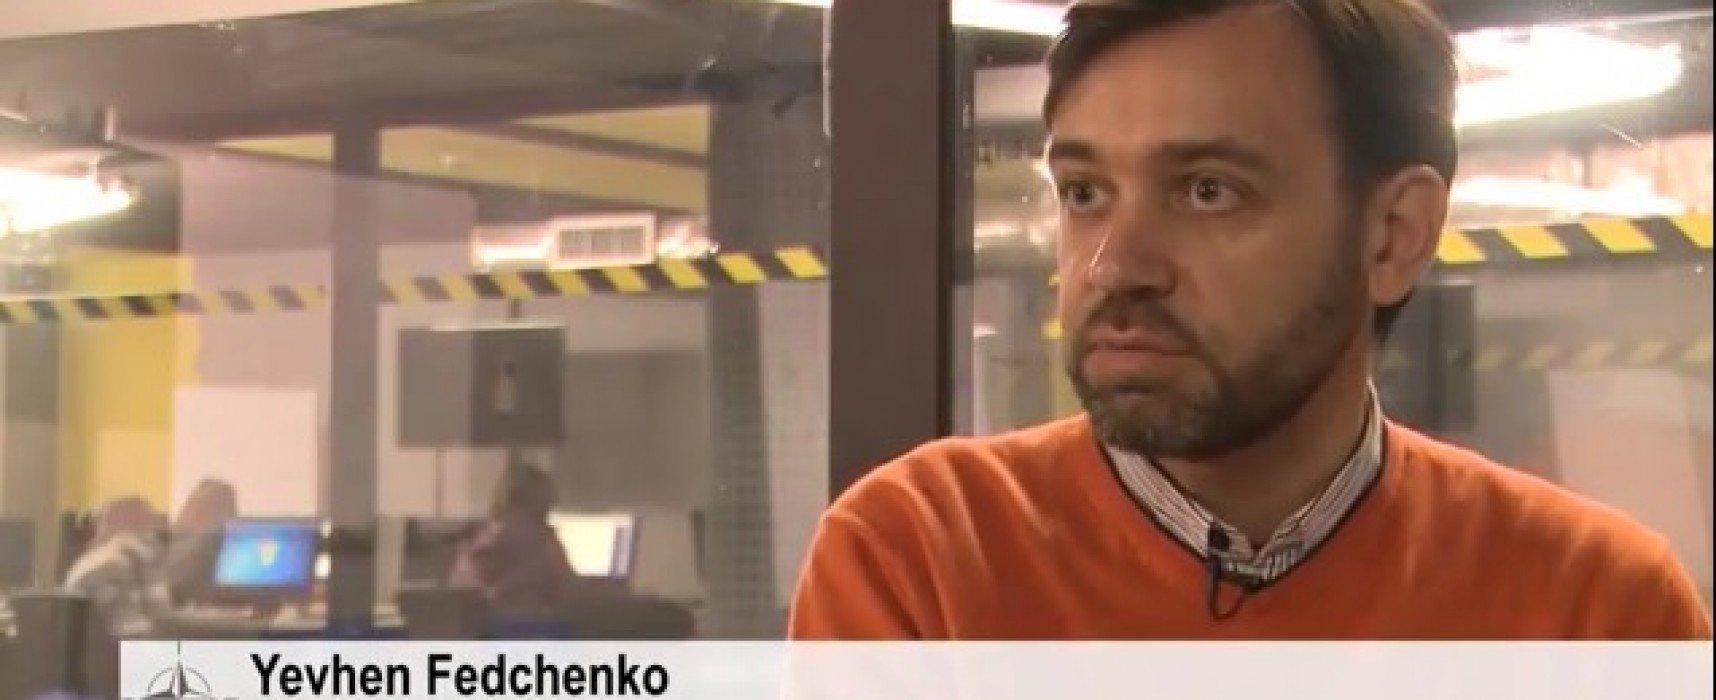 Ukraine: Fighting the information war